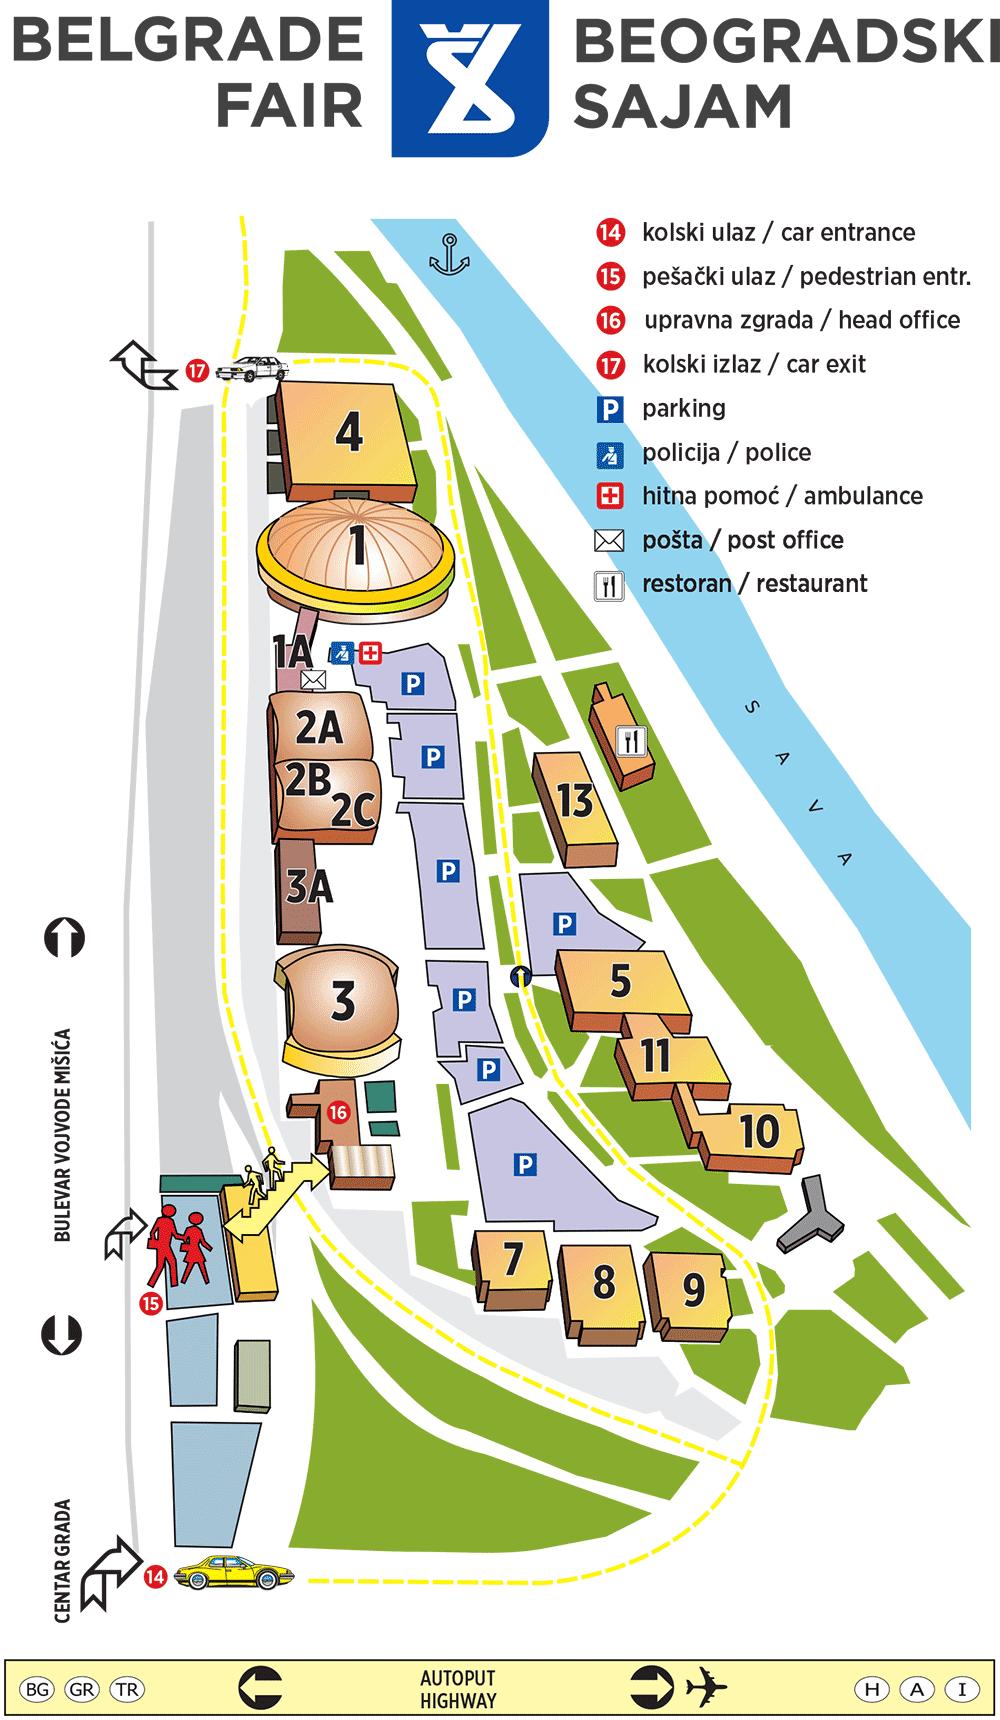 Belgrade Fair Map